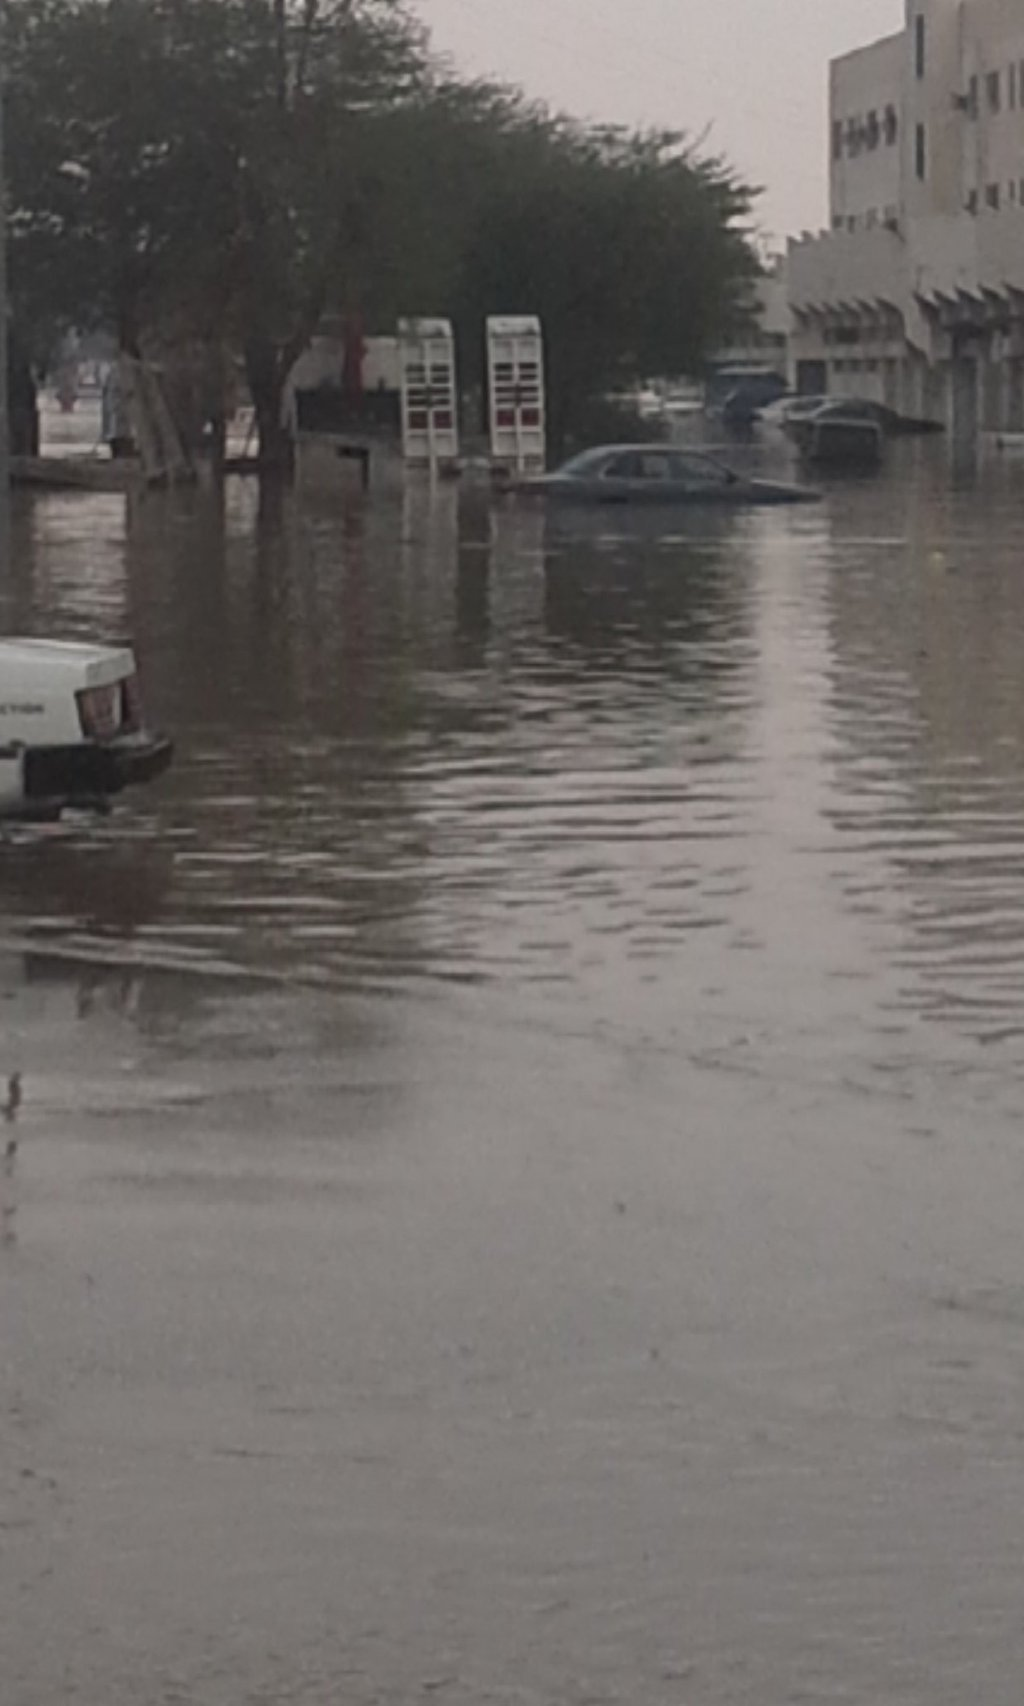 أمطار #بريدة بين ساخر ومطالب بمحاسبة الفساد (7)